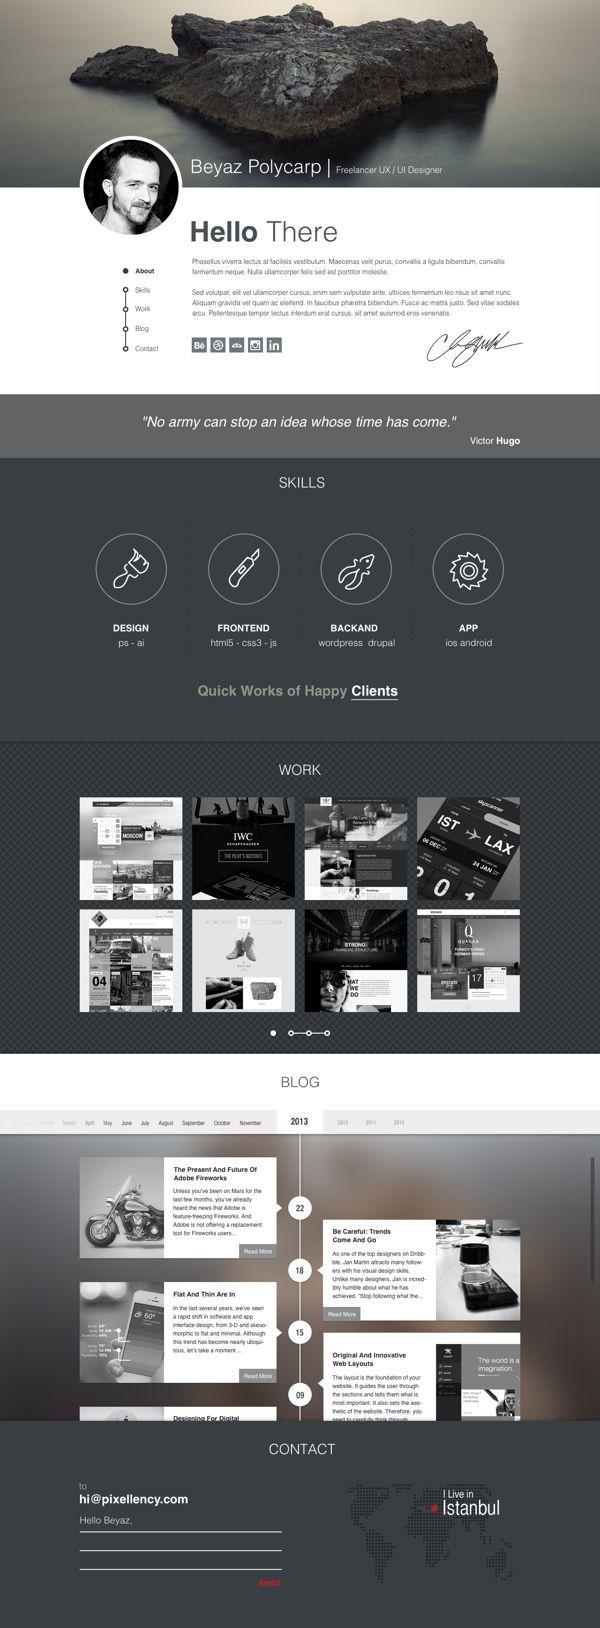 10 freie Photoshop (PSD) Website Templates » Frisch Inspiriert ...